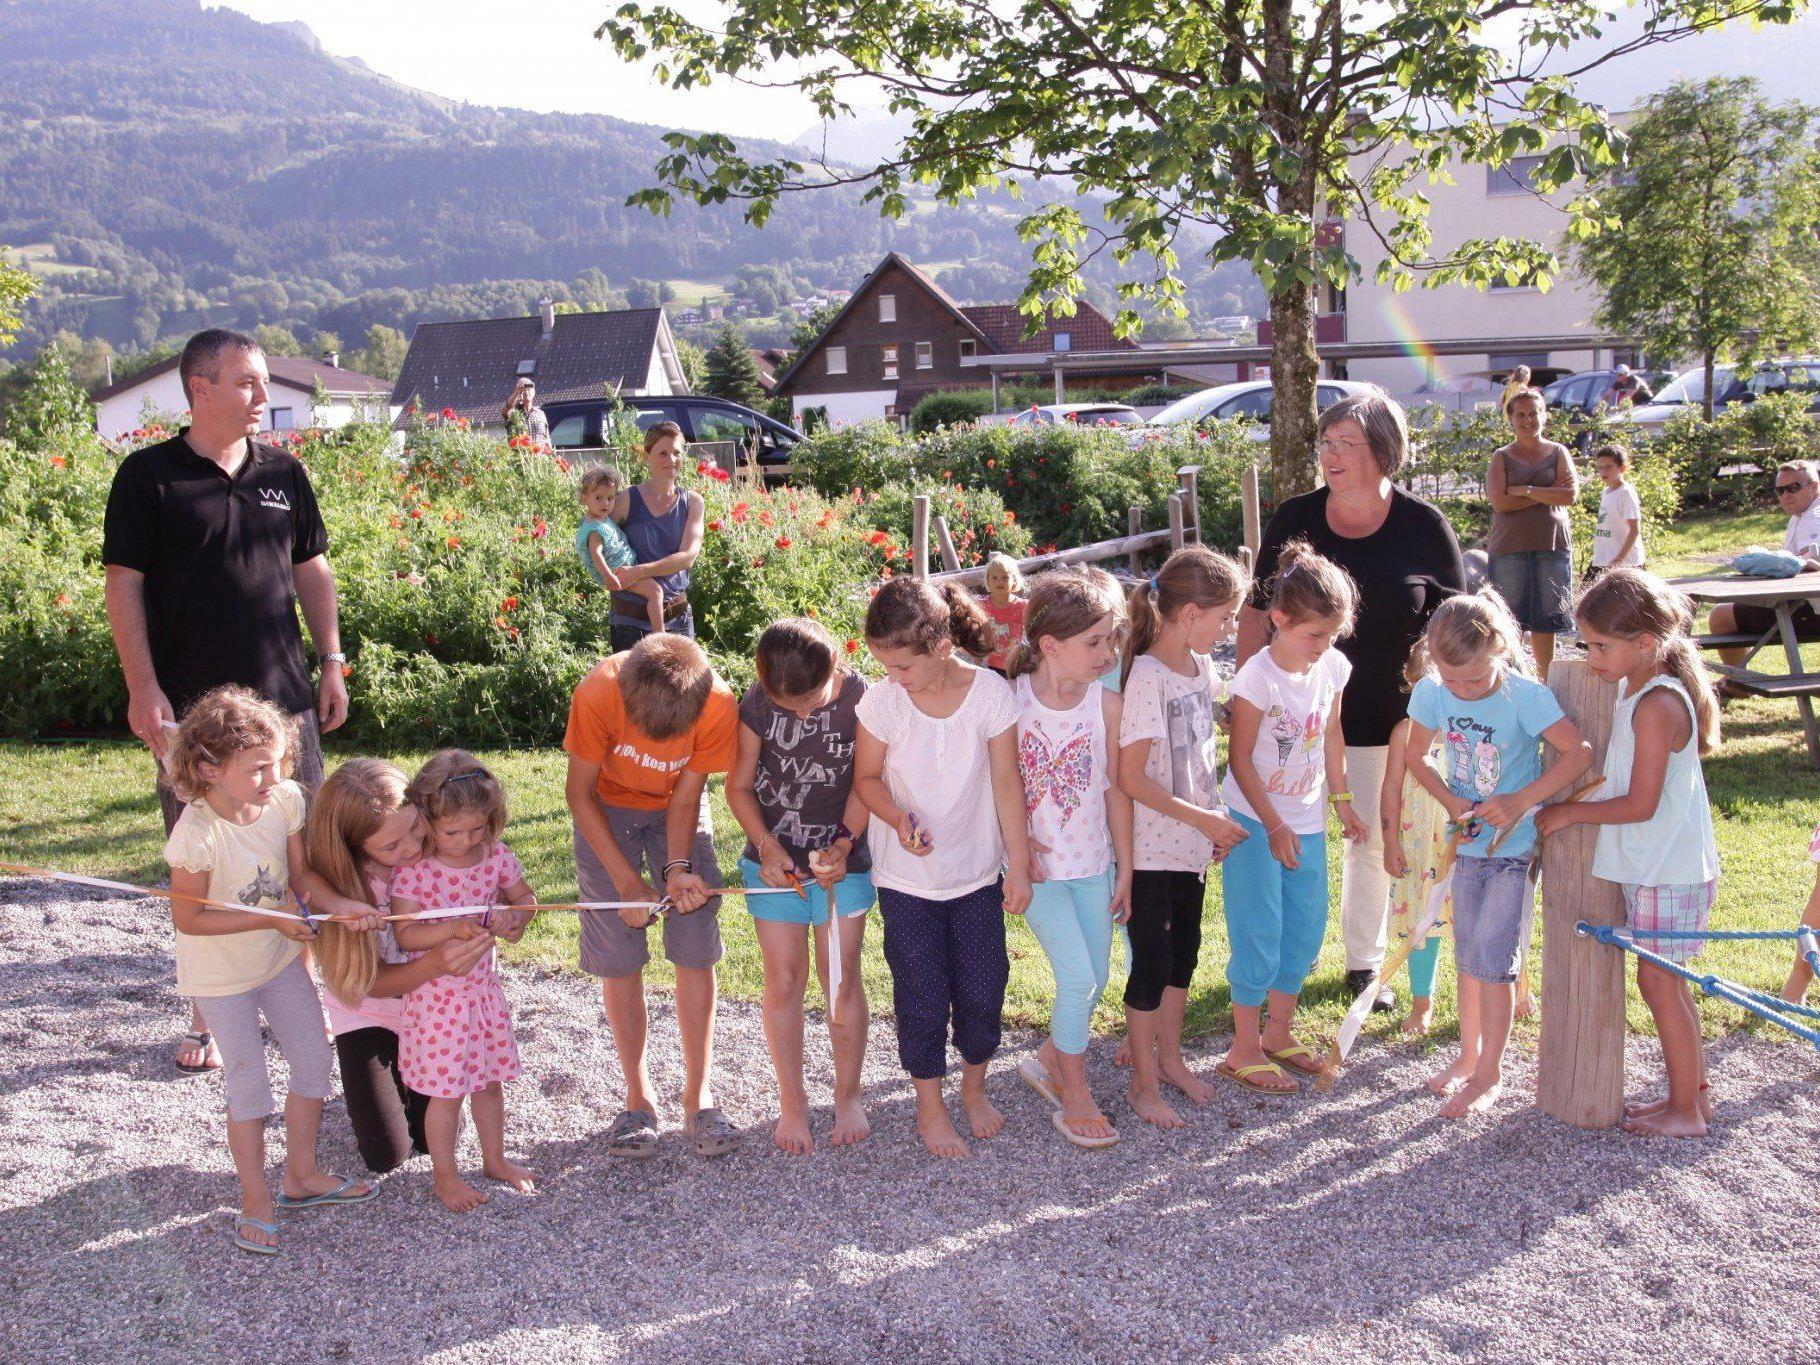 Spielplatzeröffnung Sonnenheim: Kinder durschneiden das Eröffnungsband mit Vizebgm. Ilse Mock.